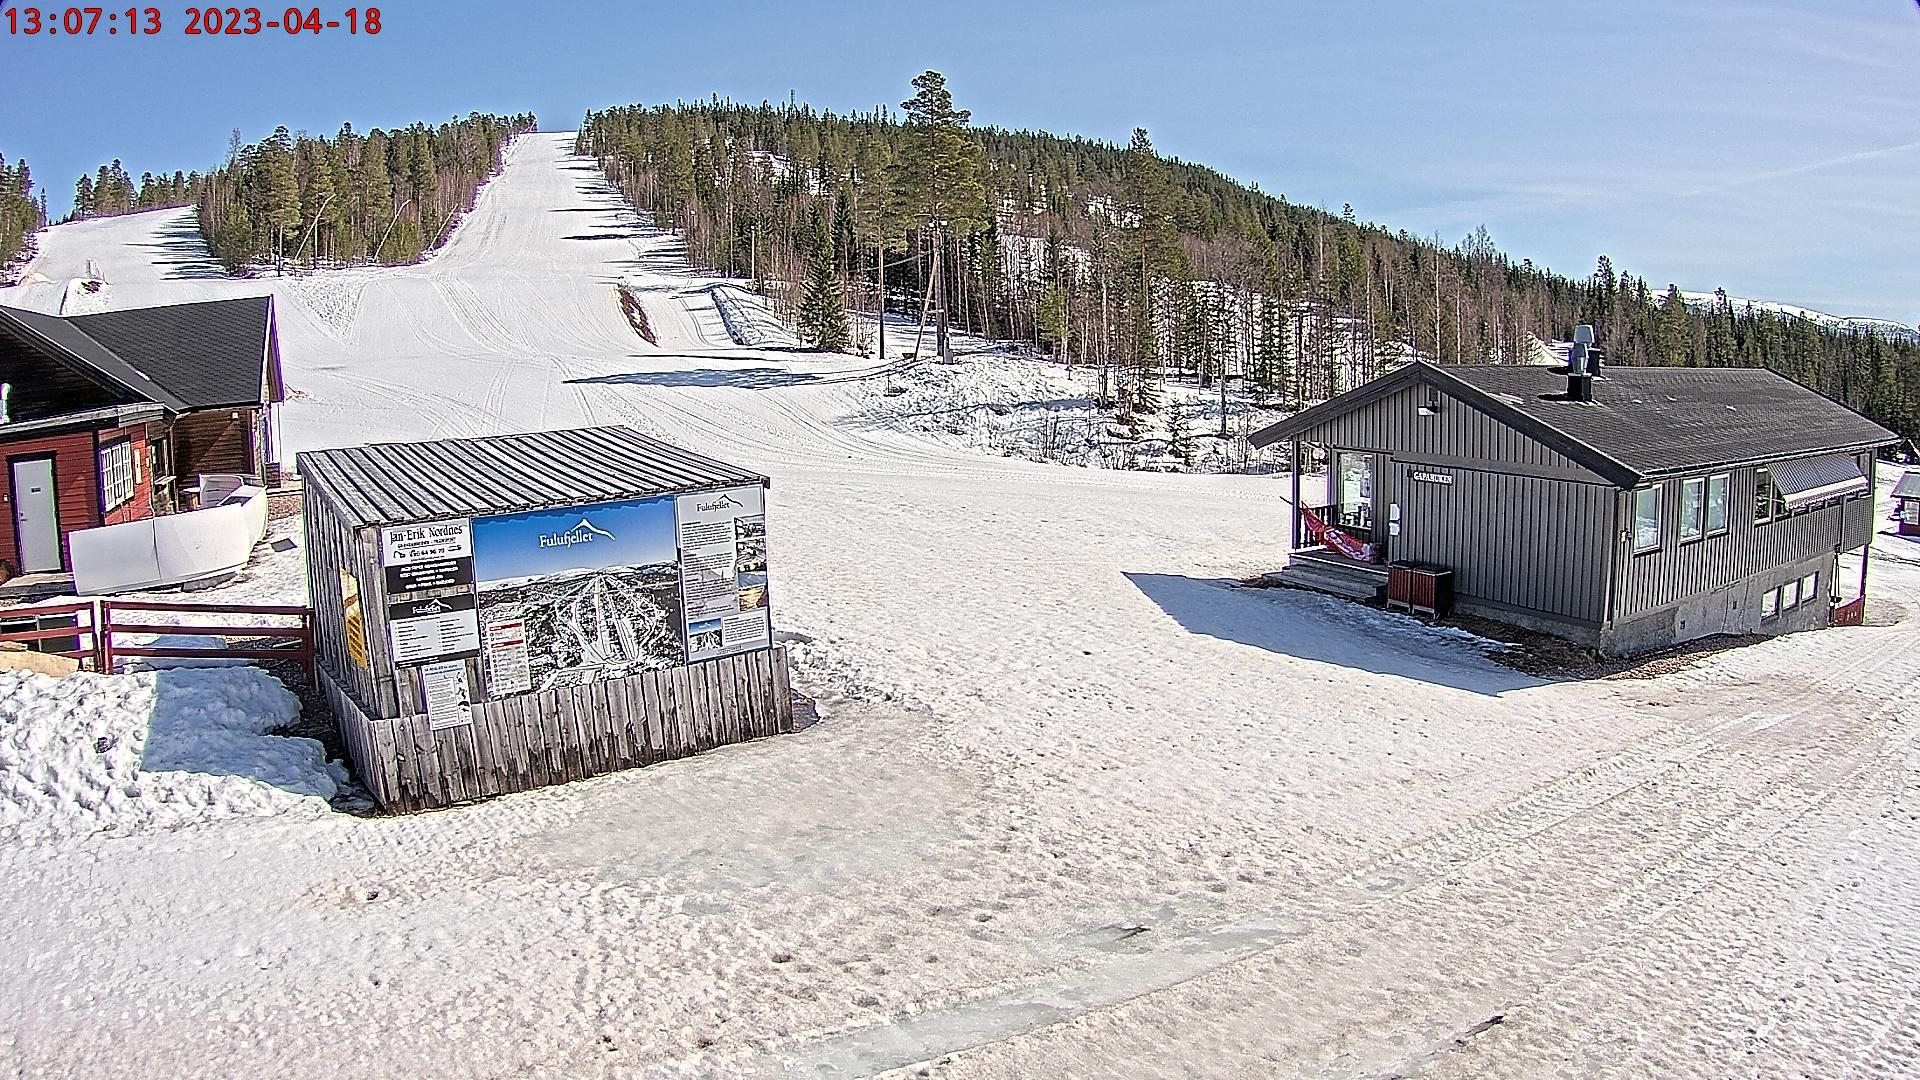 Webcam Fulufjellet Alpinsenter, Trysil, Hedmark, Norwegen